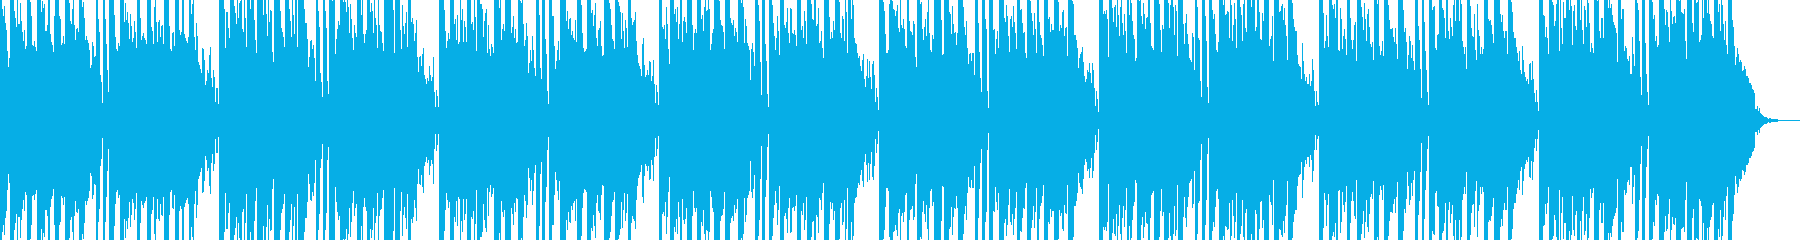 キラキラ感のシンセサイザーBGMの再生済みの波形